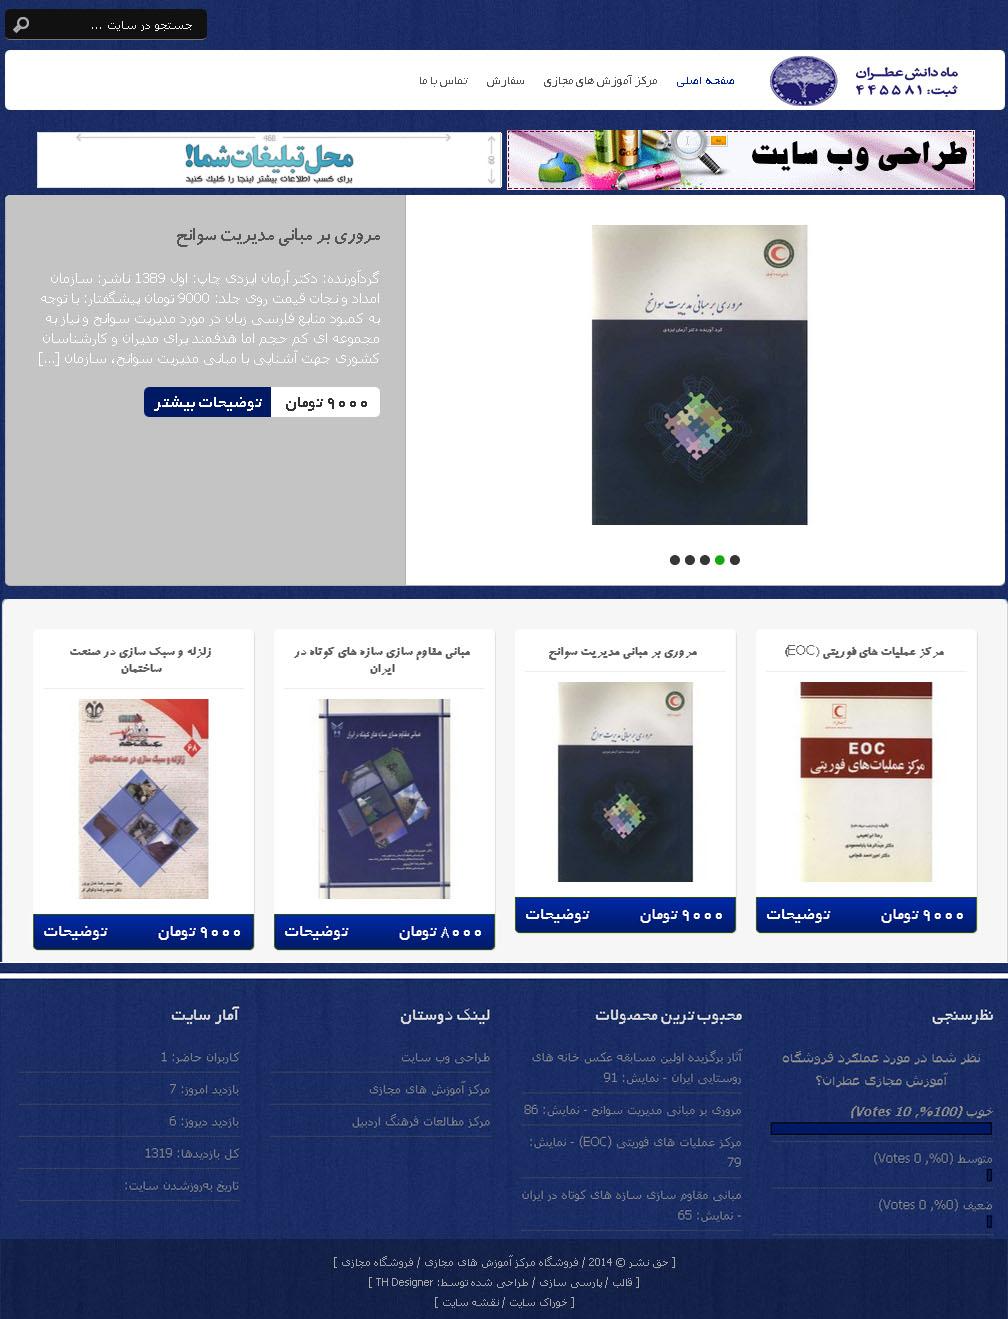 طراحی سایت فروشگاه مرکز آموزش های مجازی عطران